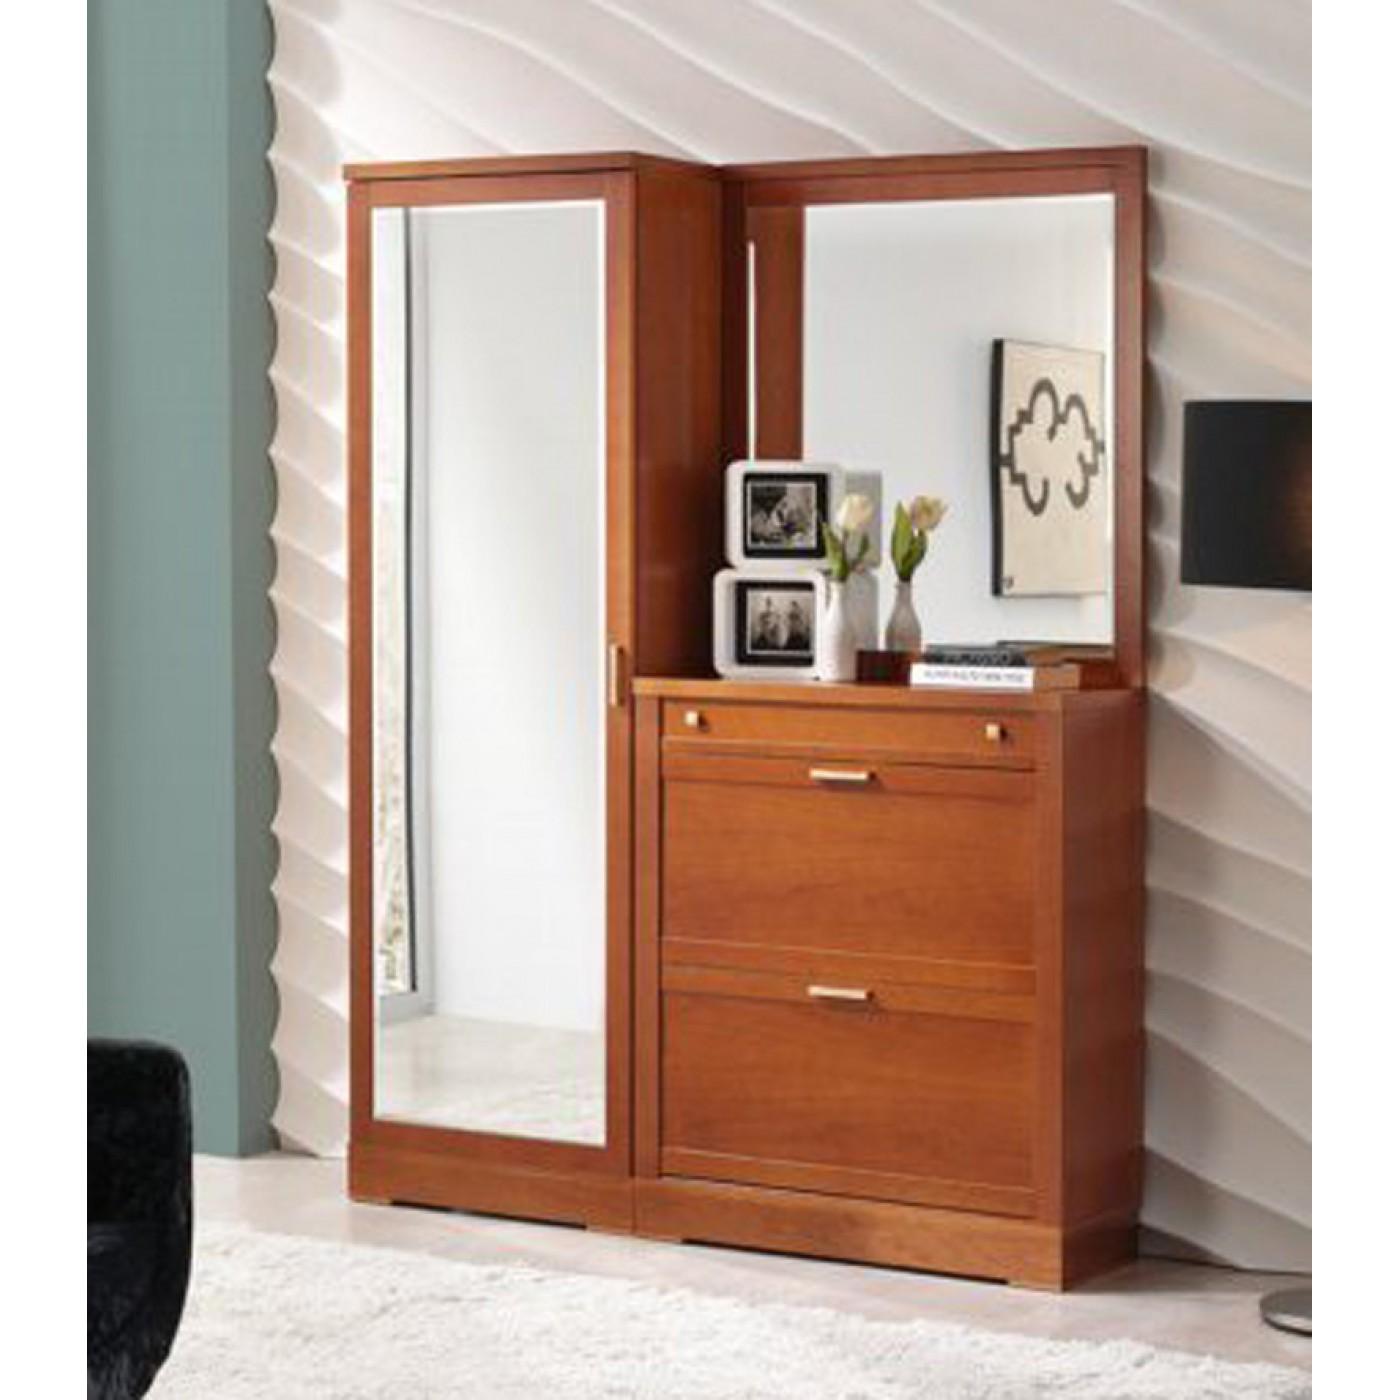 Шкаф с зеркалом для прихожей tarfa орех. красивая и недорога.